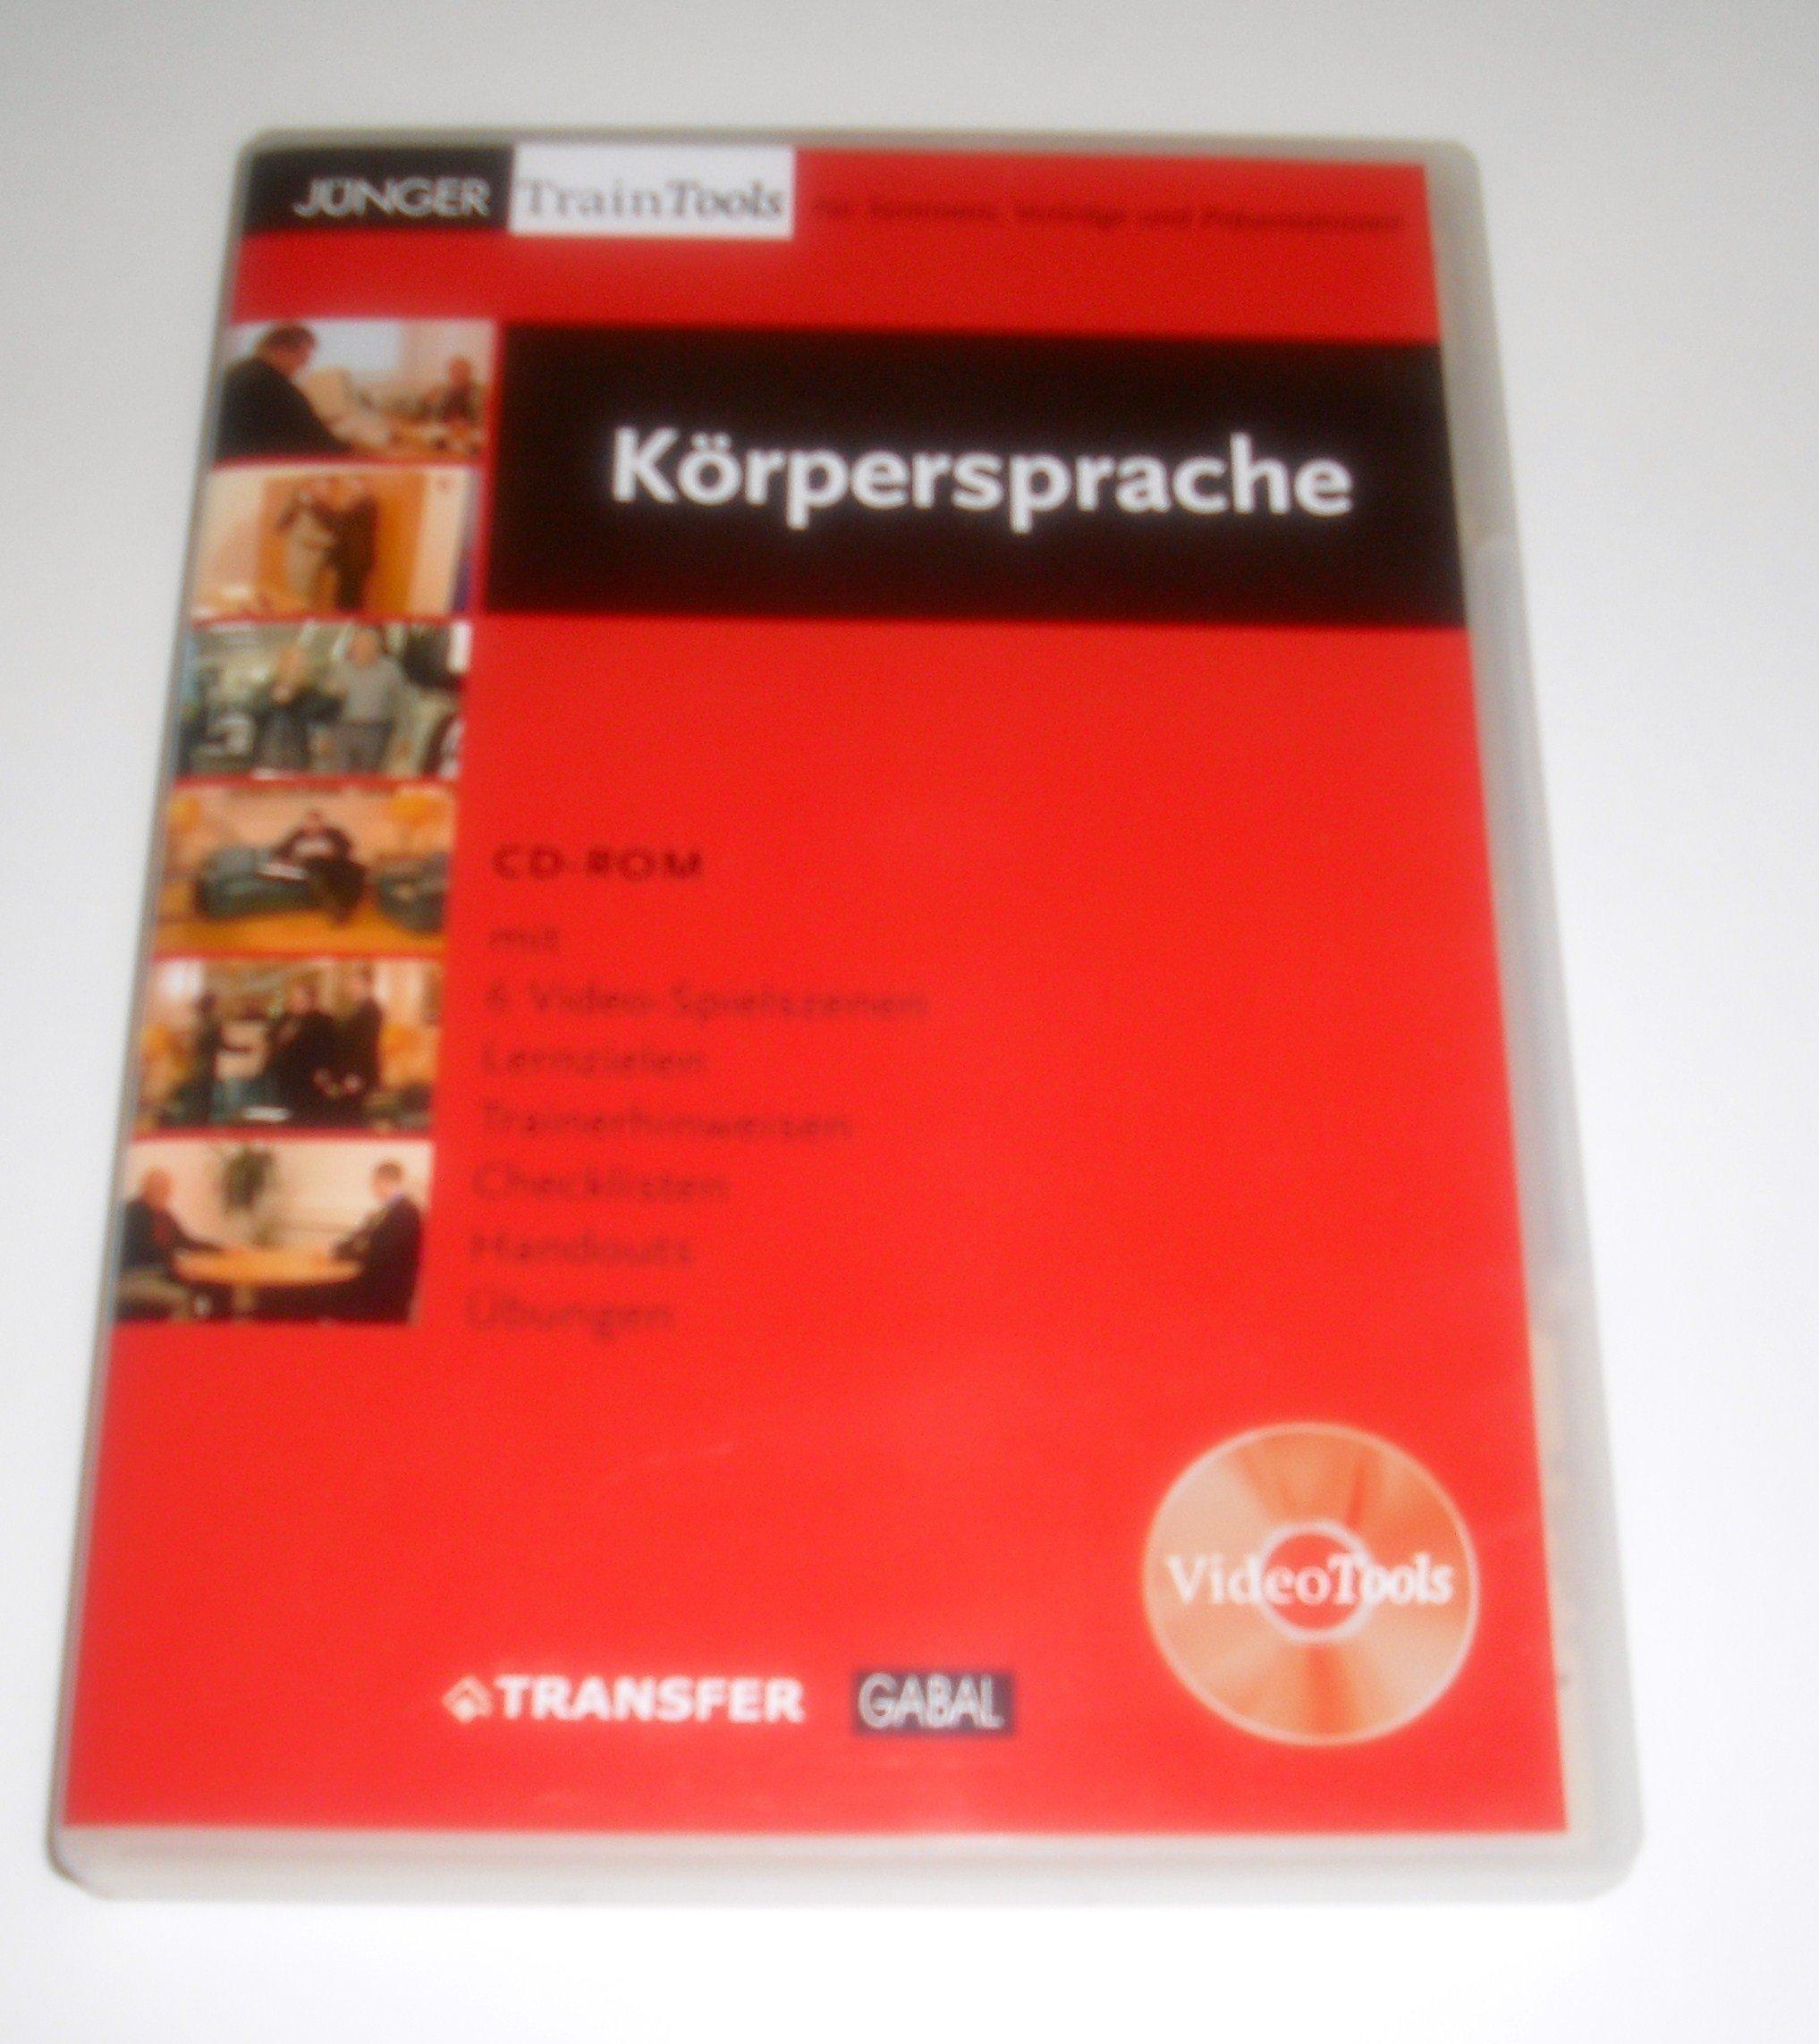 Körpersprache - CD-ROM mit 6 Video-Spielszenen, Lernzielen, Trainerhinweisen, Checklisten, Handouts und Übungen - XP-fähig